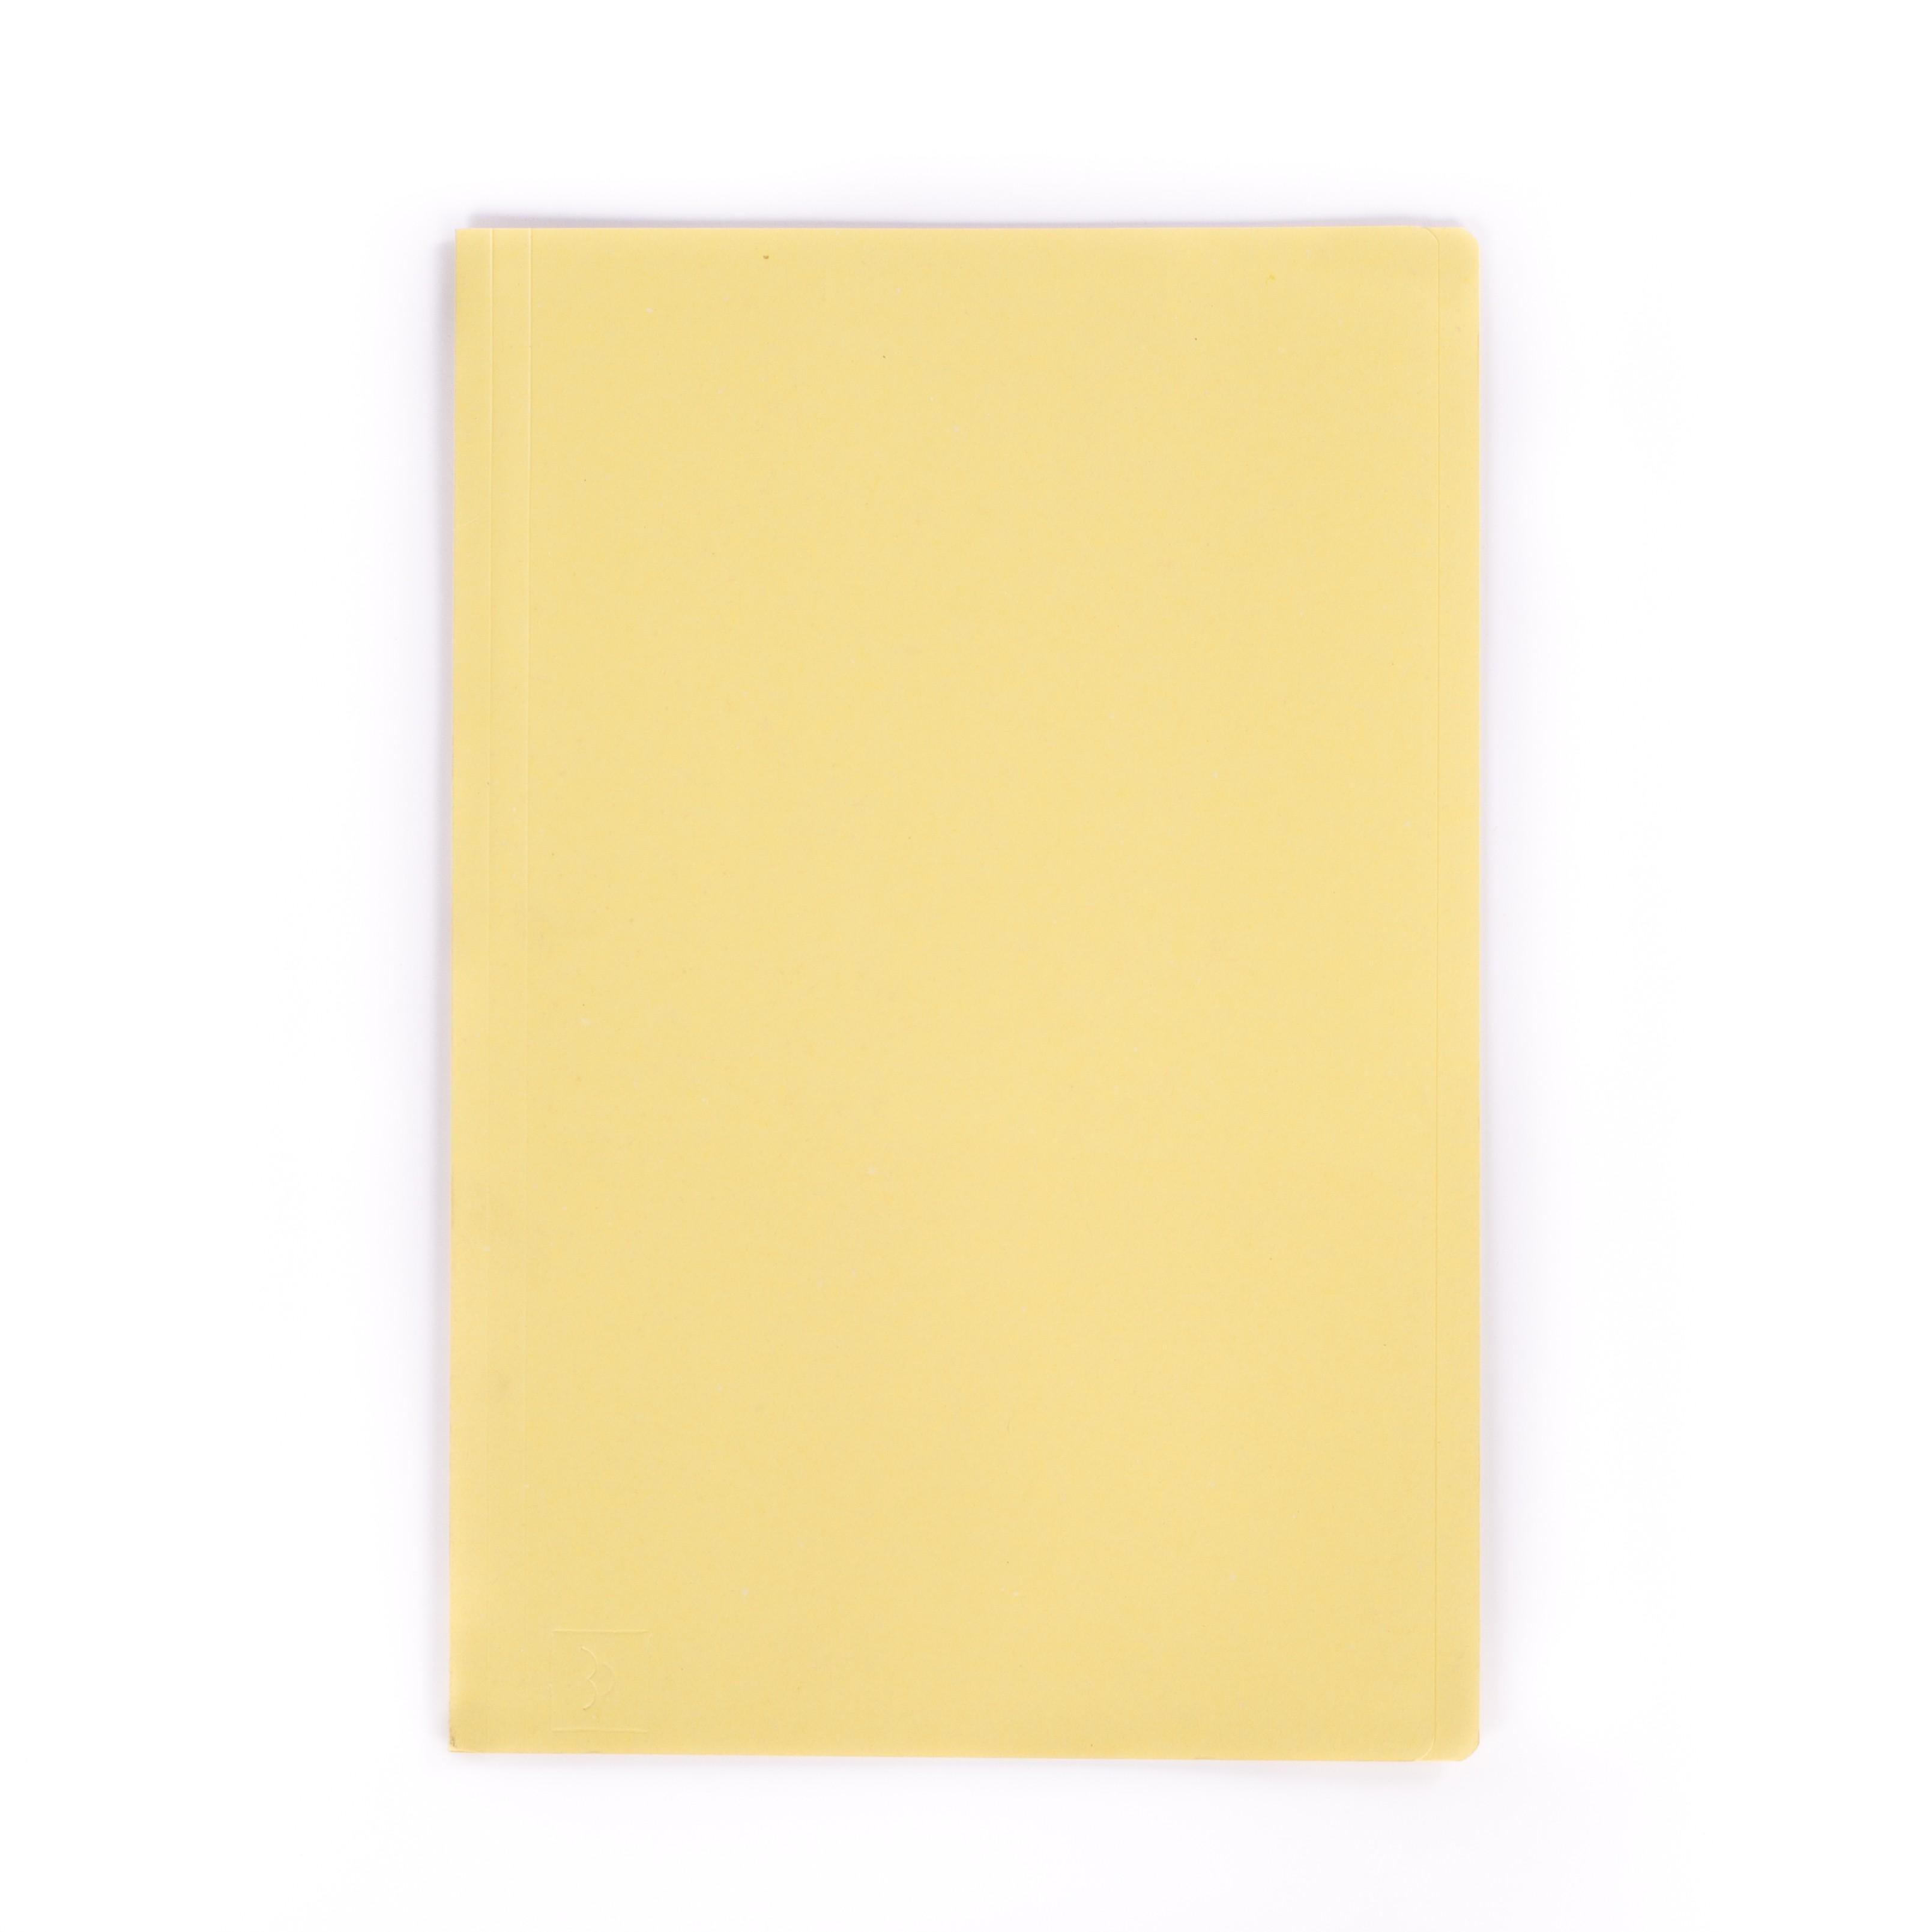 แฟ้มพับกระดาษ ตราใบโพธิ์ สีเหลือง F4